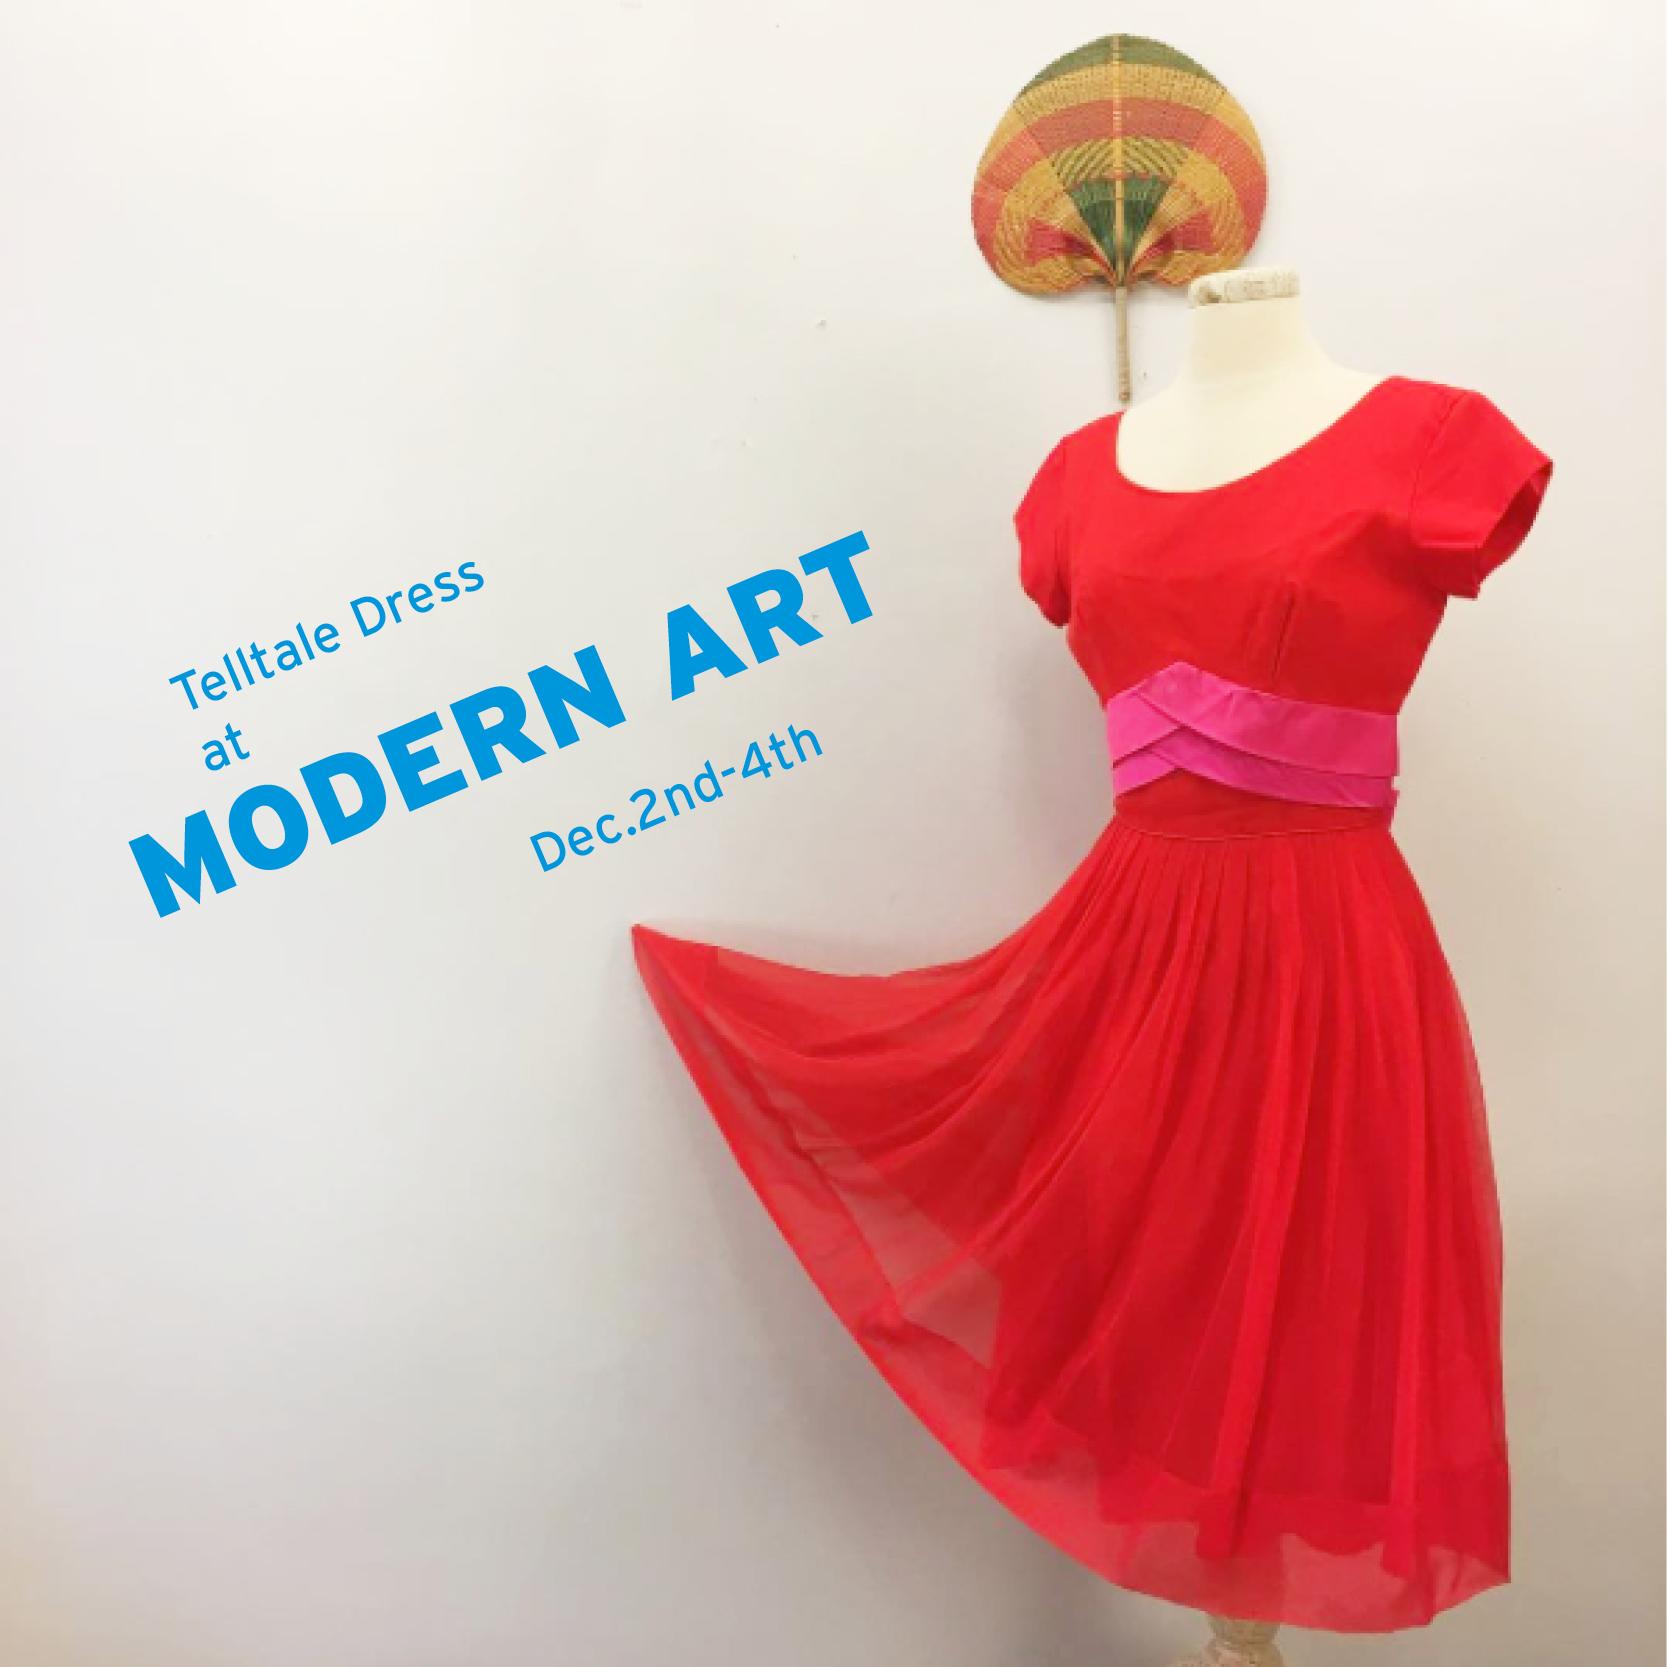 telltale-dress